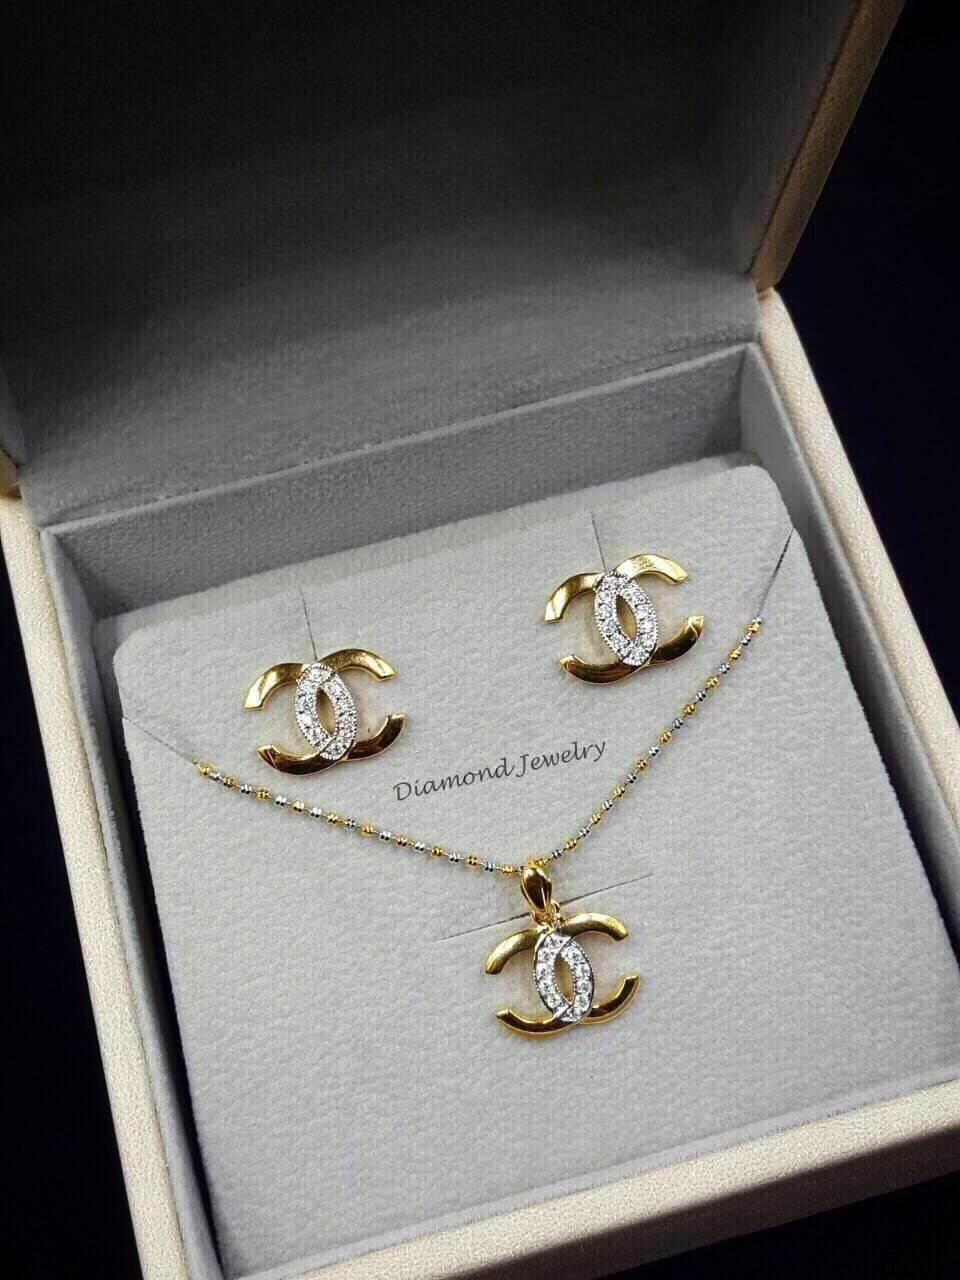 พร้อมส่ง Chanel Earring & Necklace งานเกรดซุปเปอร์ไฮเอน